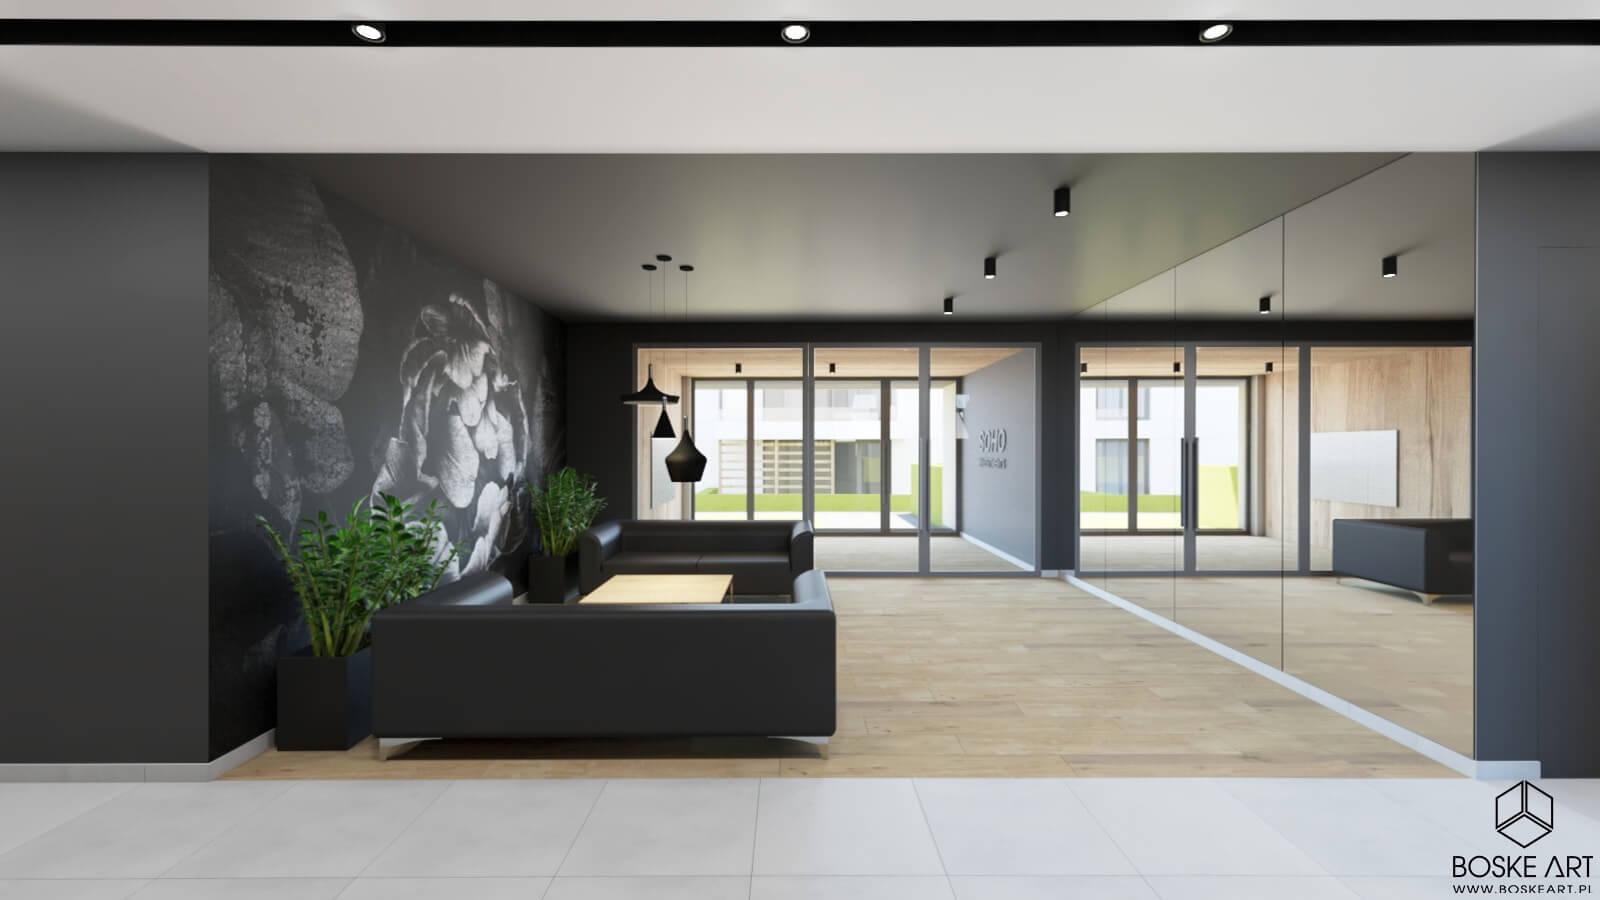 3_apartamenty_poznan_boske_art_strefa_wejsciowa_projektowanie_wnetrz_architektura_natalia_robaszkiewicz-min